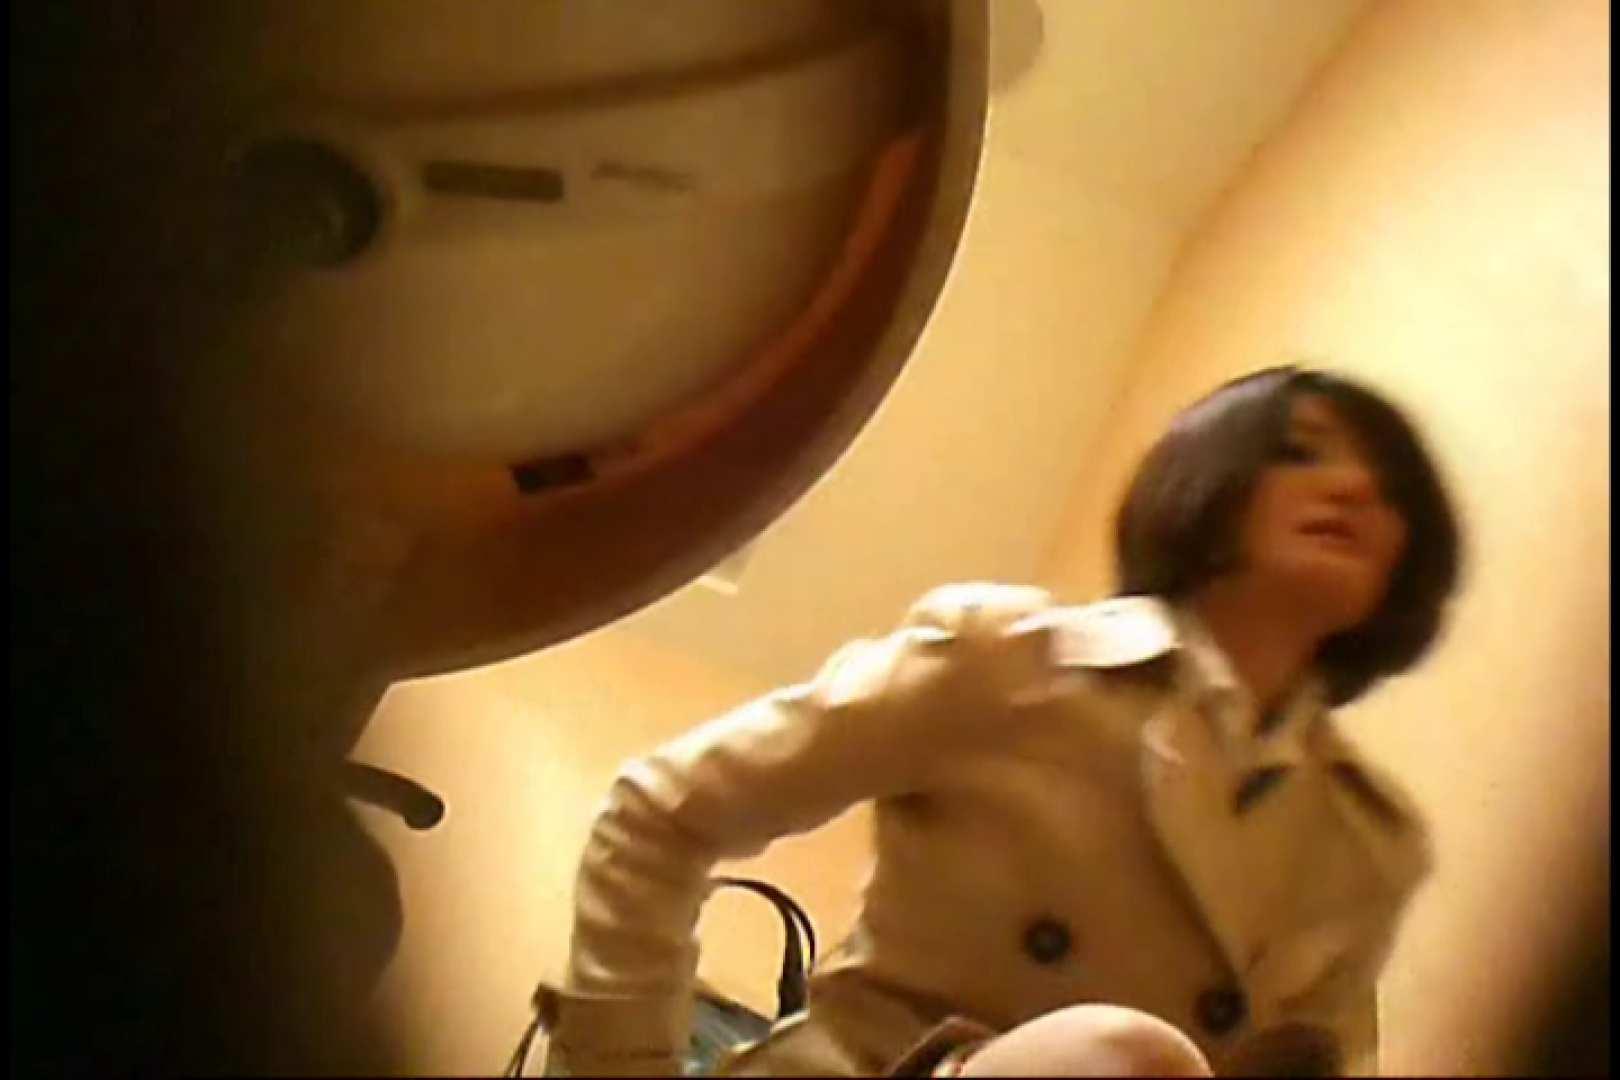 潜入!!女子化粧室盗撮~絶対見られたくない時間~vo,21 潜入 アダルト動画キャプチャ 64連発 52